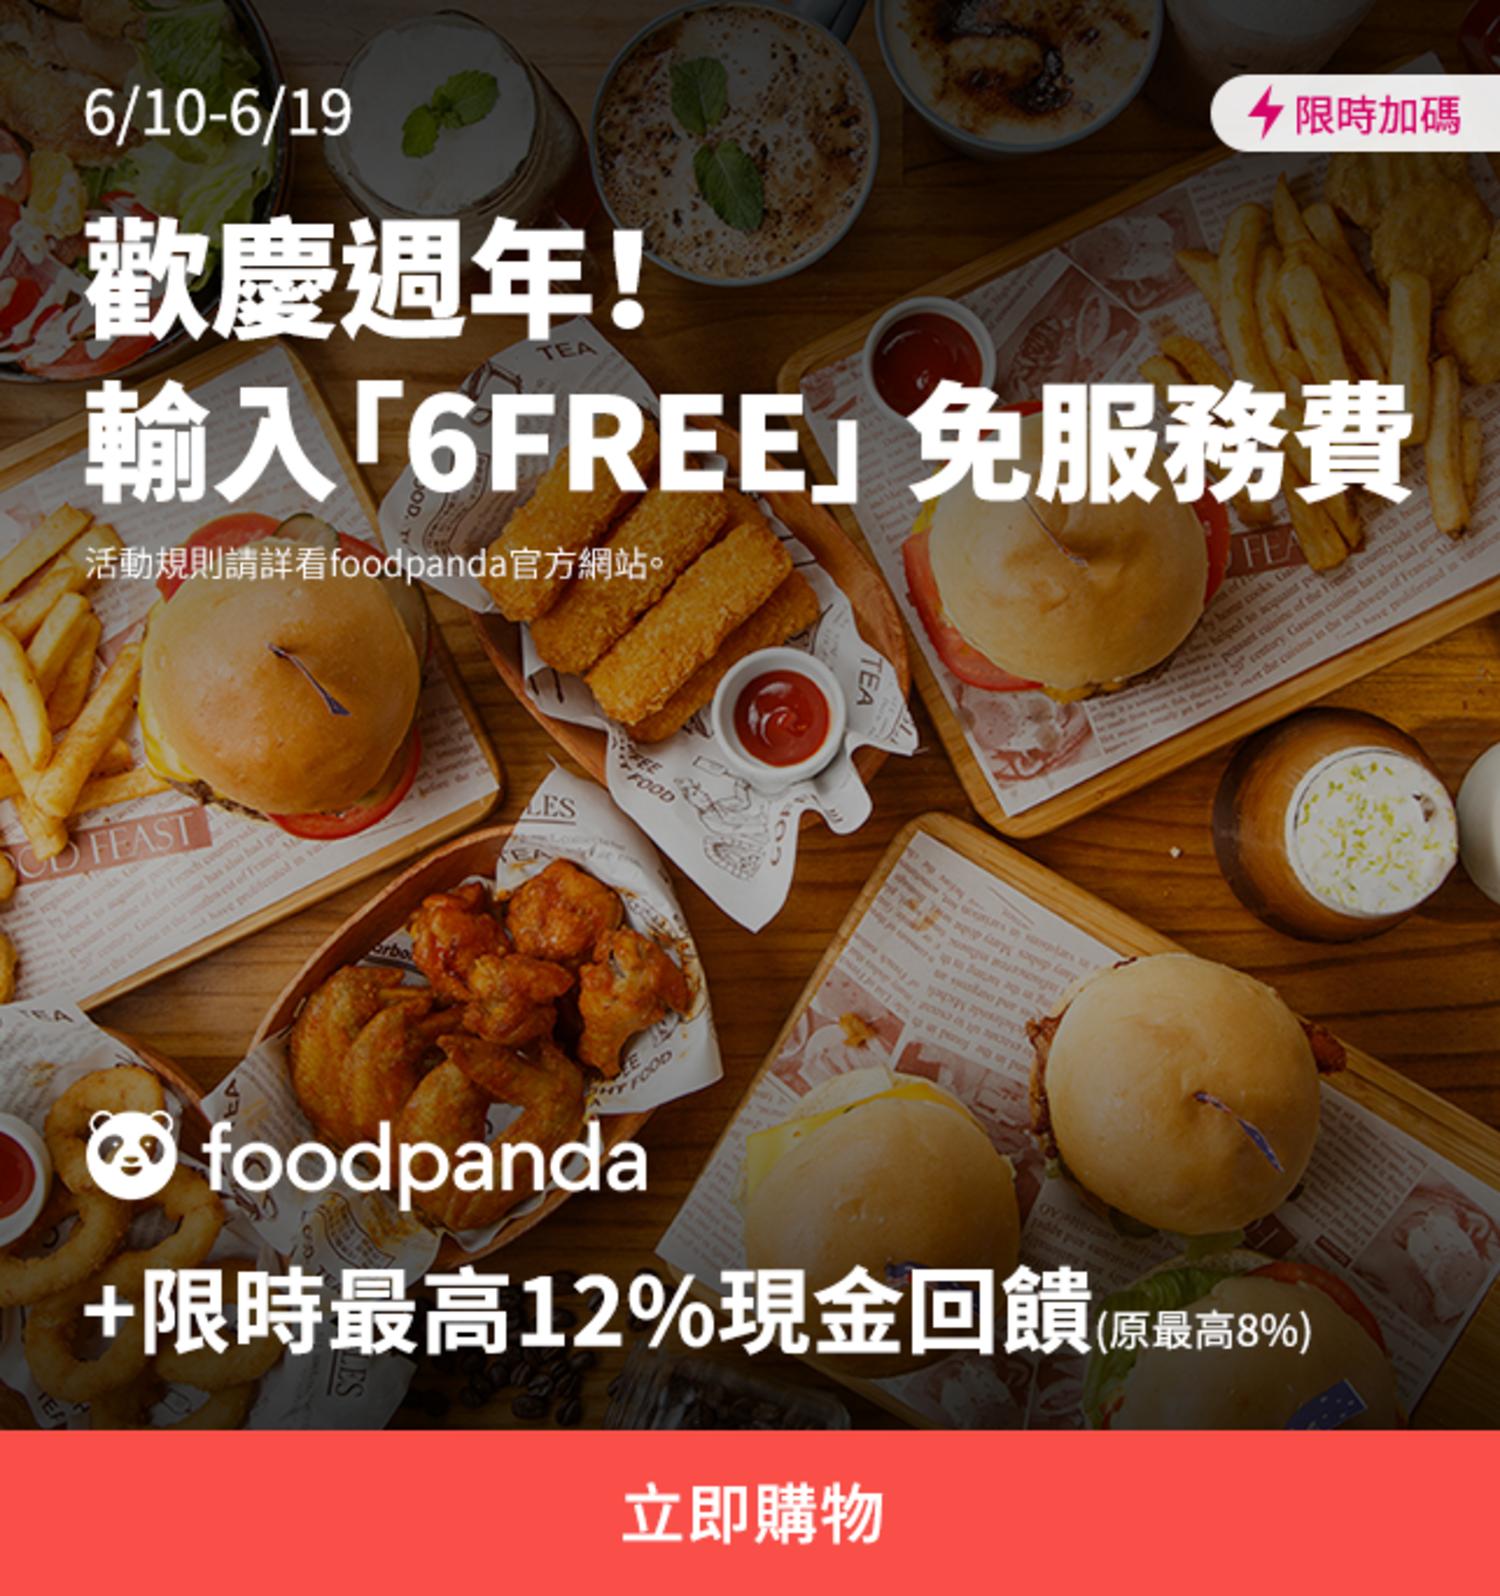 foodpanda 加碼 0610-0619